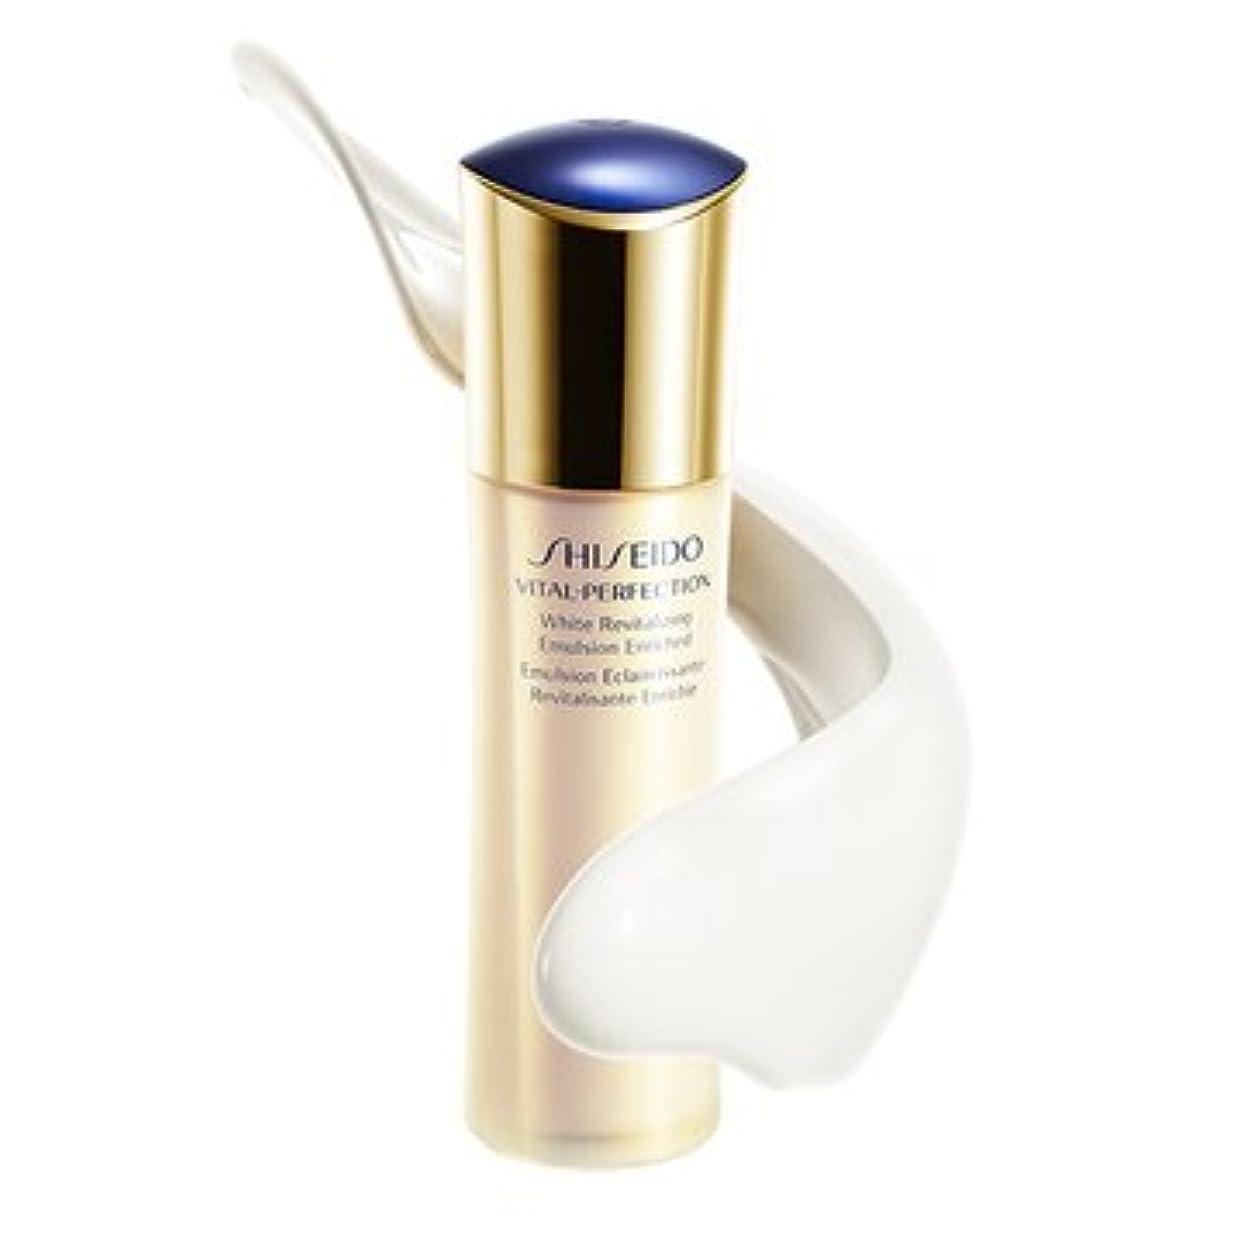 ショルダー脱獄シミュレートする資生堂/shiseido バイタルパーフェクション/VITAL-PERFECTION ホワイトRV エマルジョン(医薬部外品)美白乳液